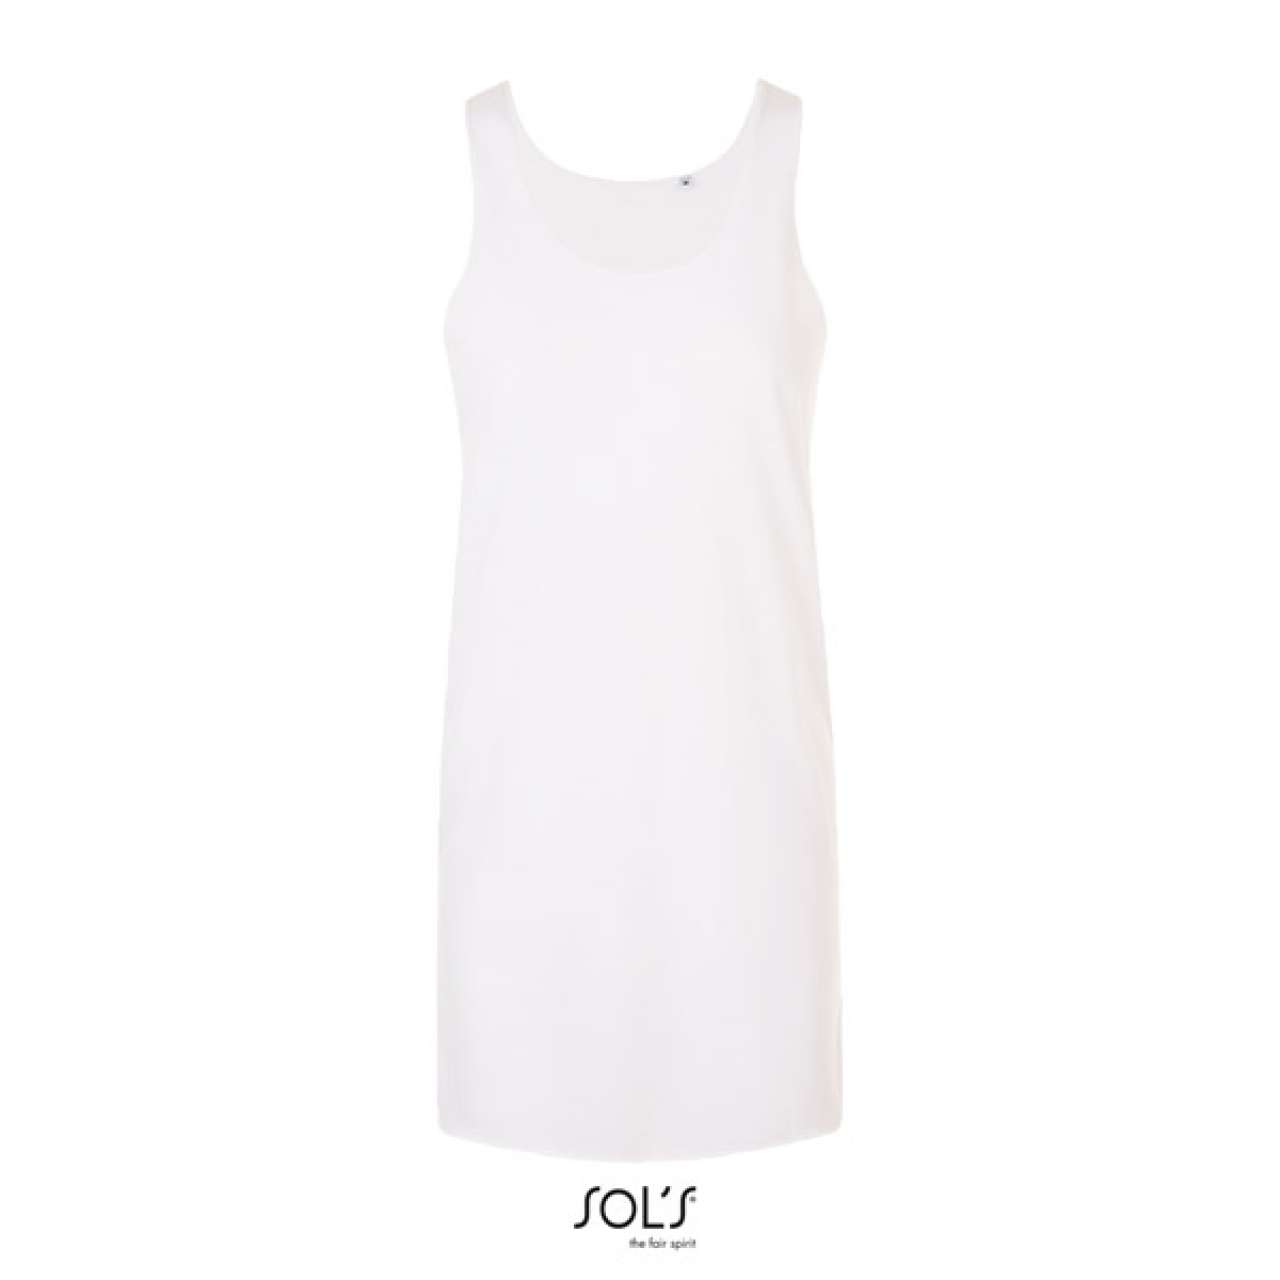 Levně SOL'S Dámské letní šaty COCKTAIL Barva: White, Velikost: 0